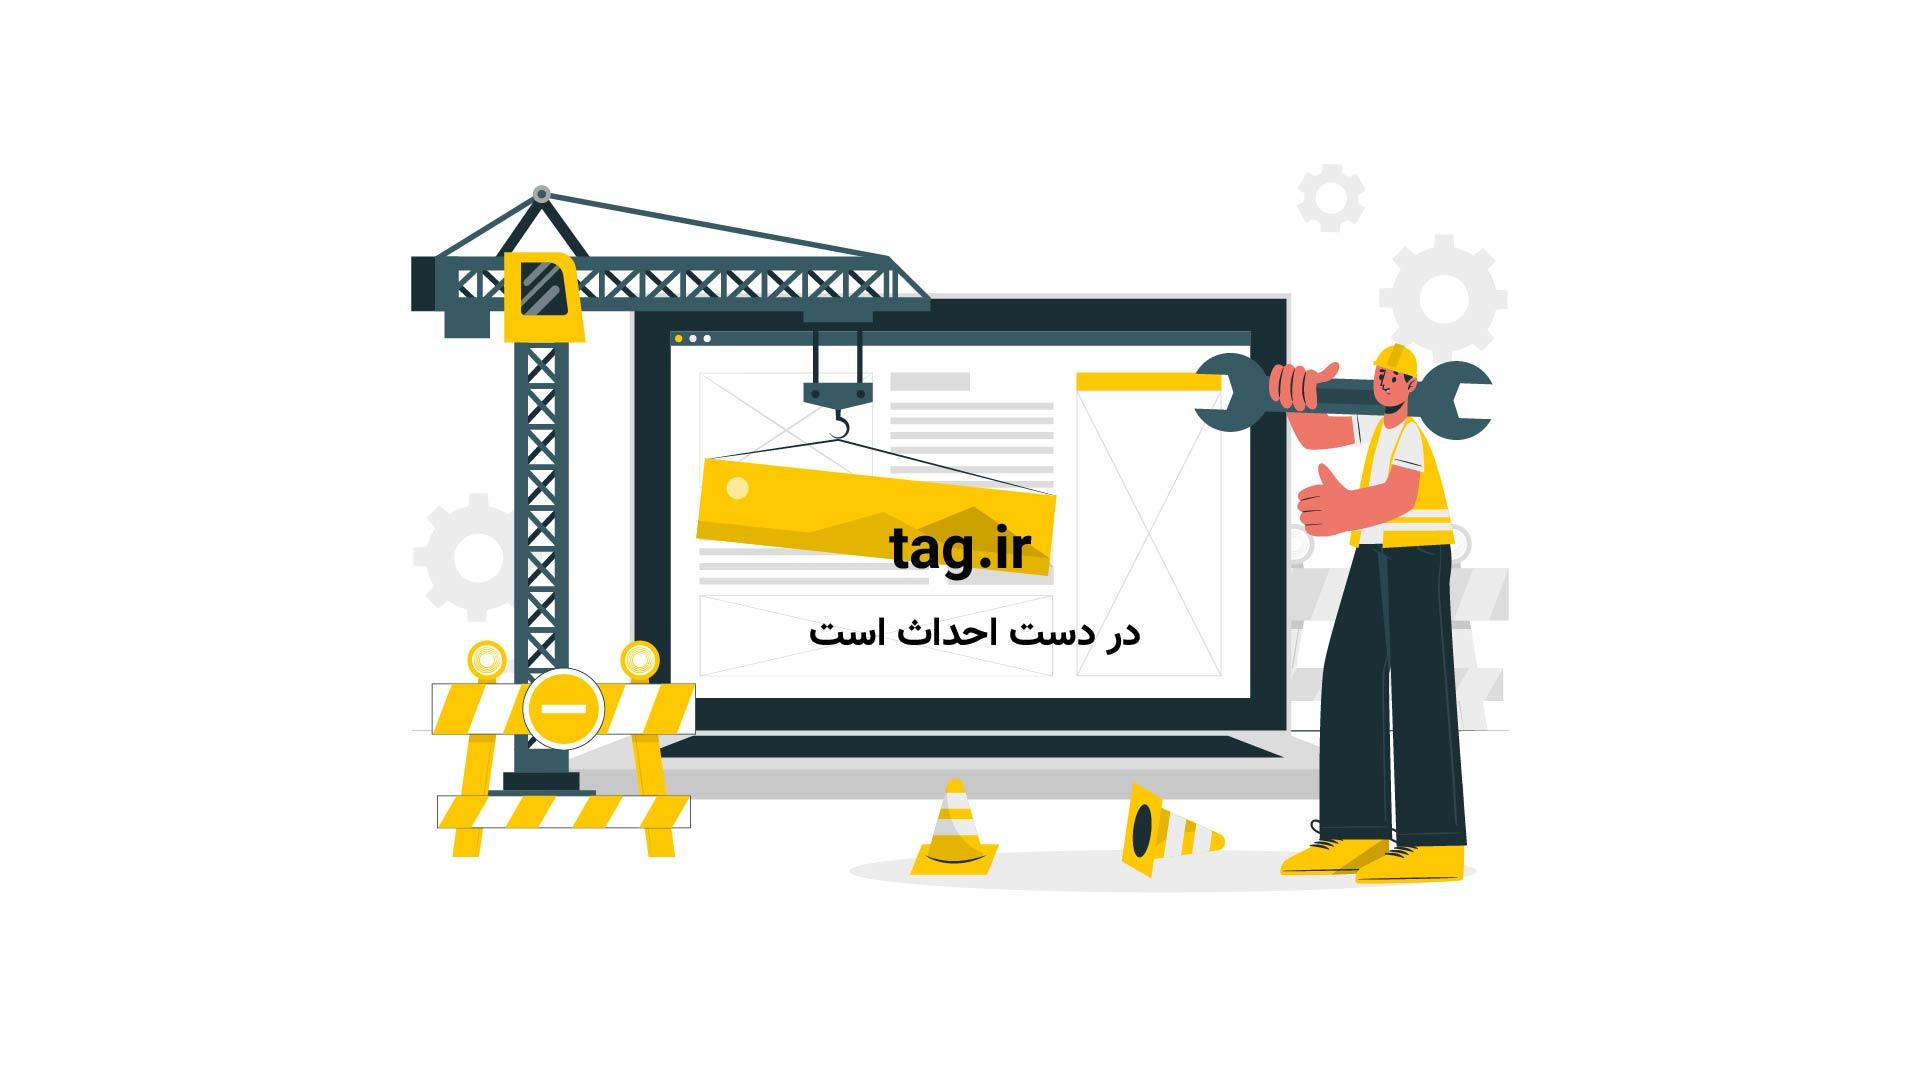 شهید بهشتی خطاب به آیت الله هاشمی: آسیاب تهمتها به نوبت است | فیلم